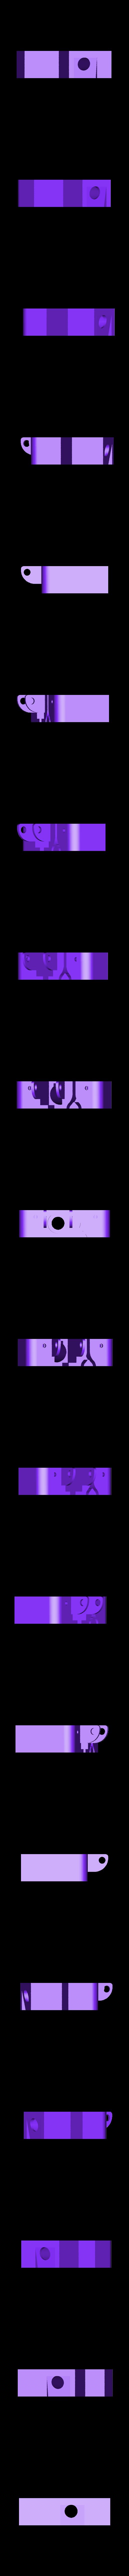 Y-Pen-End.STL Télécharger fichier STL gratuit Machine à dessiner CNC facile à imprimer en 3D - Dessinez sur des gâteaux, des téléphones, du papier, des chemises   Traceur Arduino GRBL • Modèle pour imprimante 3D, DIYMachines